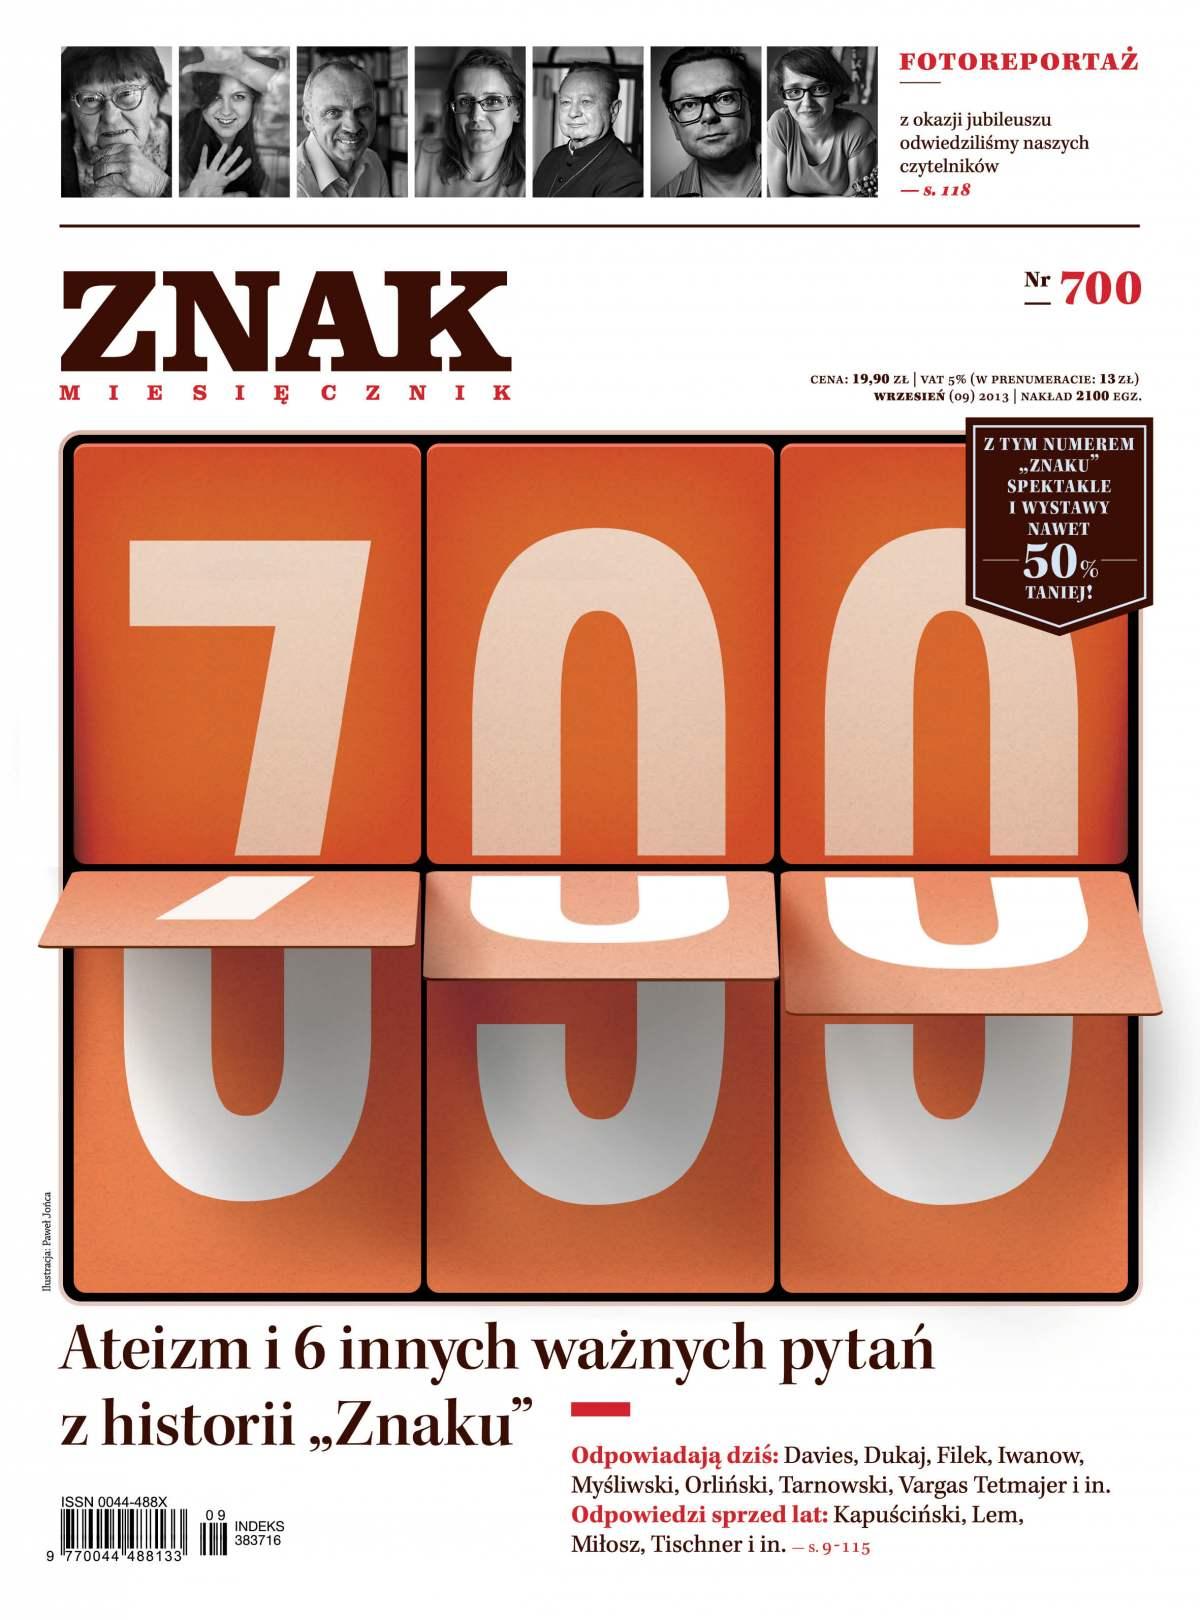 Miesięcznik Znak. Wrzesień 2013 - Ebook (Książka PDF) do pobrania w formacie PDF